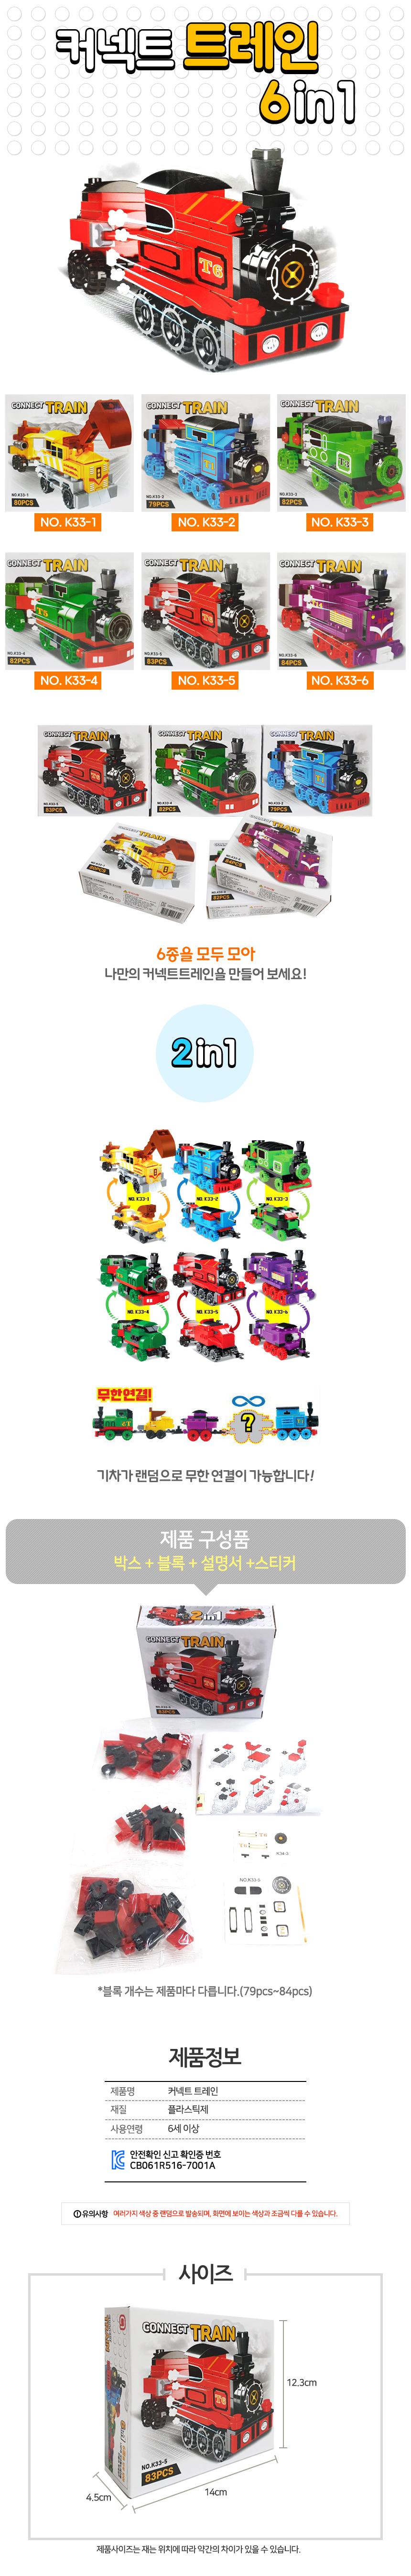 con_train.jpg